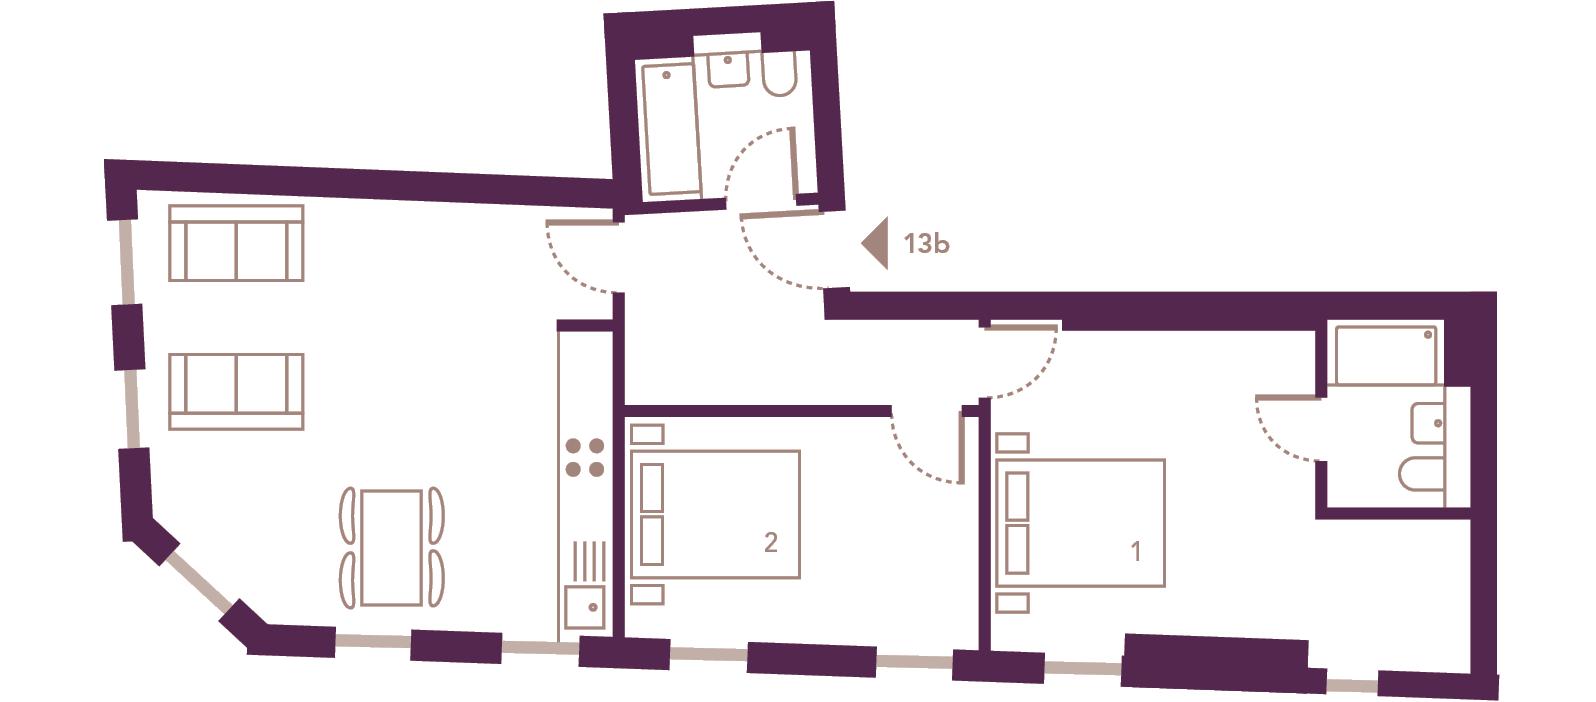 Apartment 13b